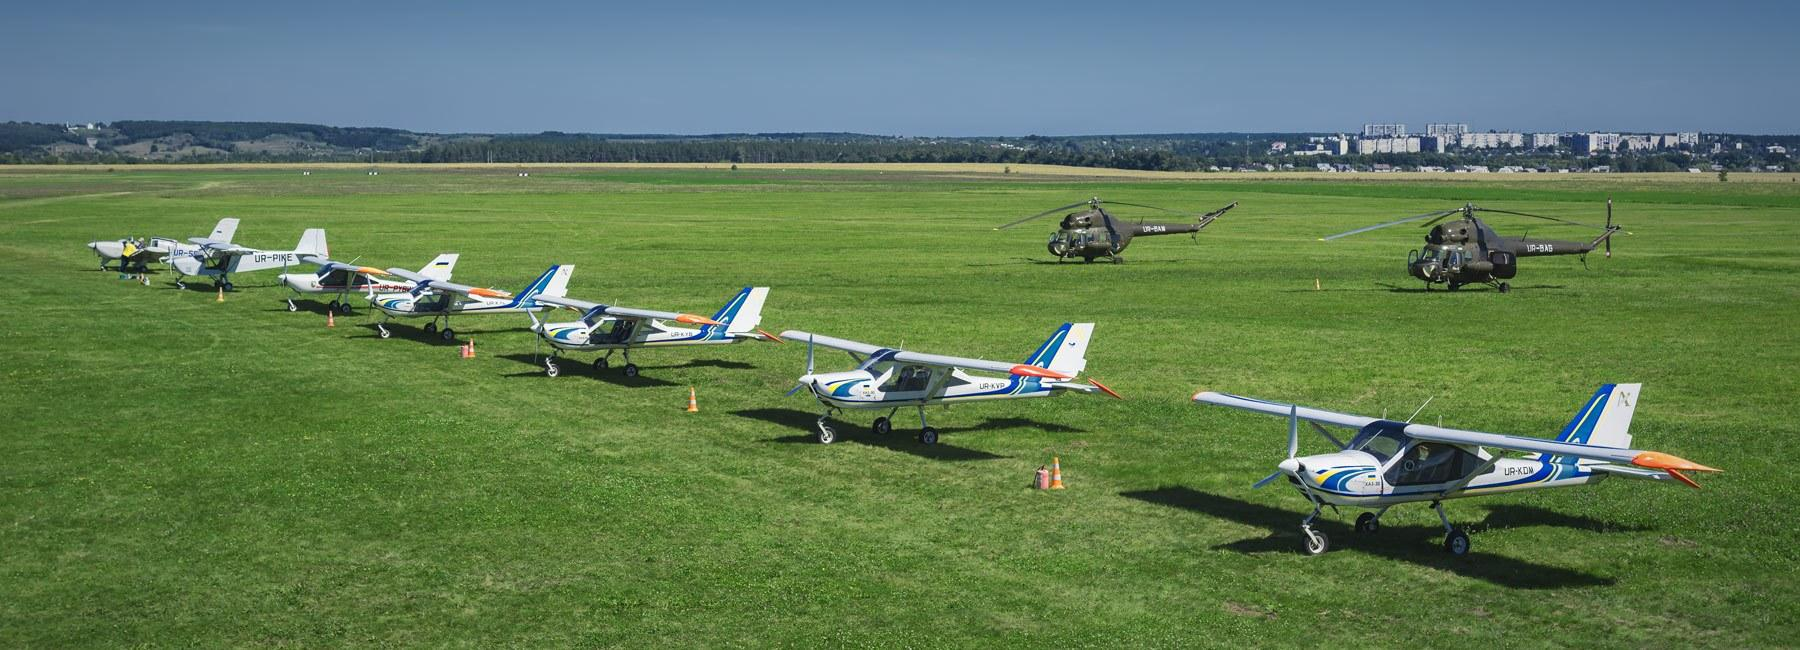 Ukrayna Pilotaj Eğitimi